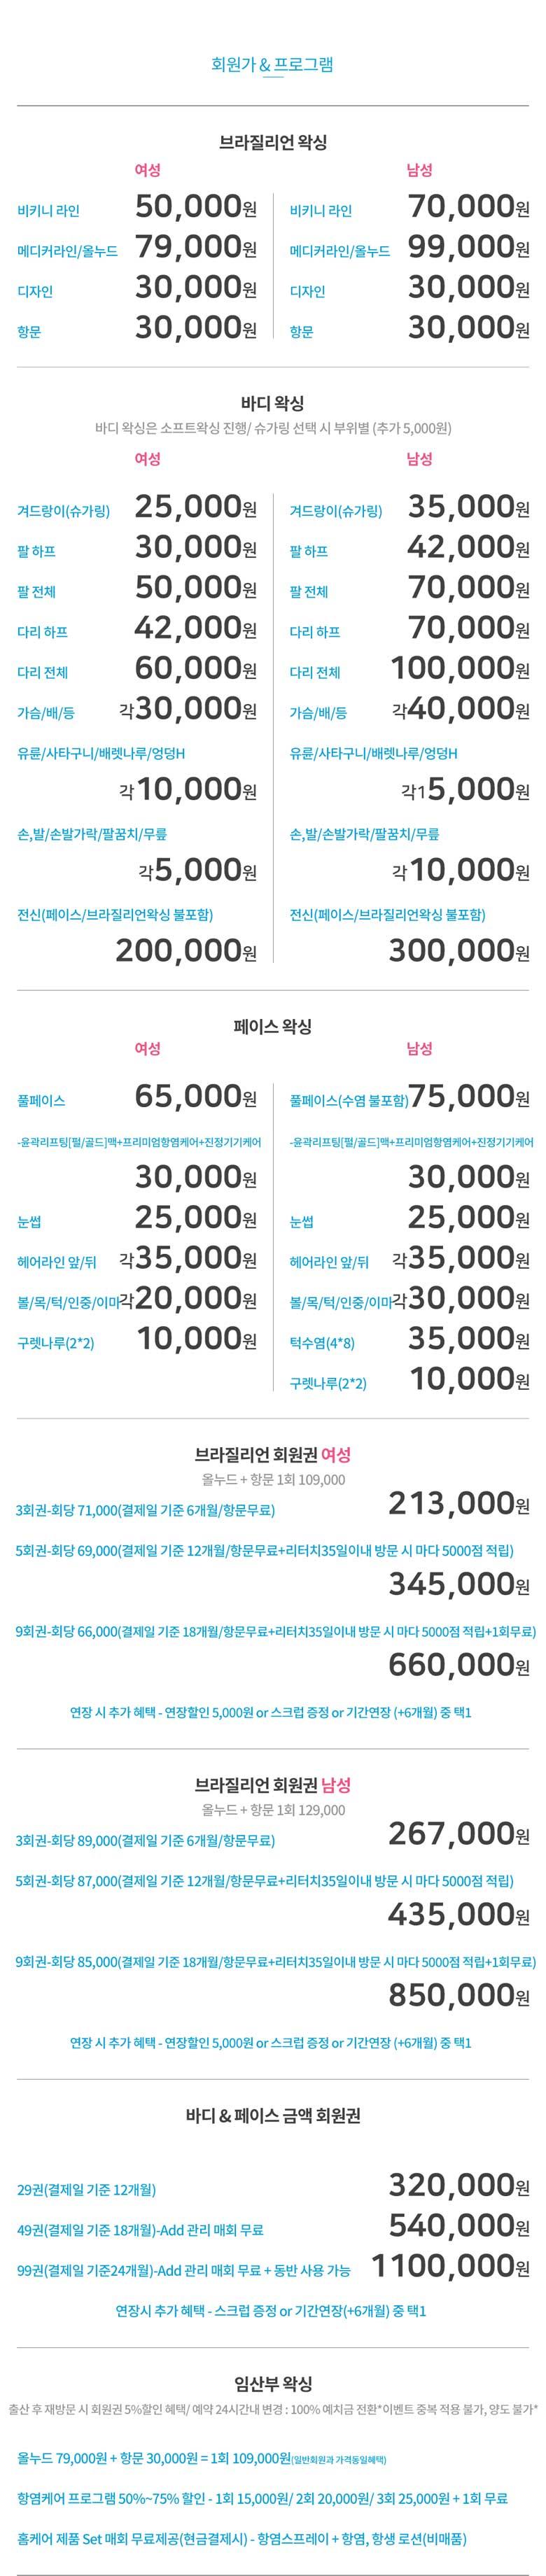 홍대왁싱_서울_마포구_서교동_상수역_슈가왁싱오브나이팅게일_업체가격